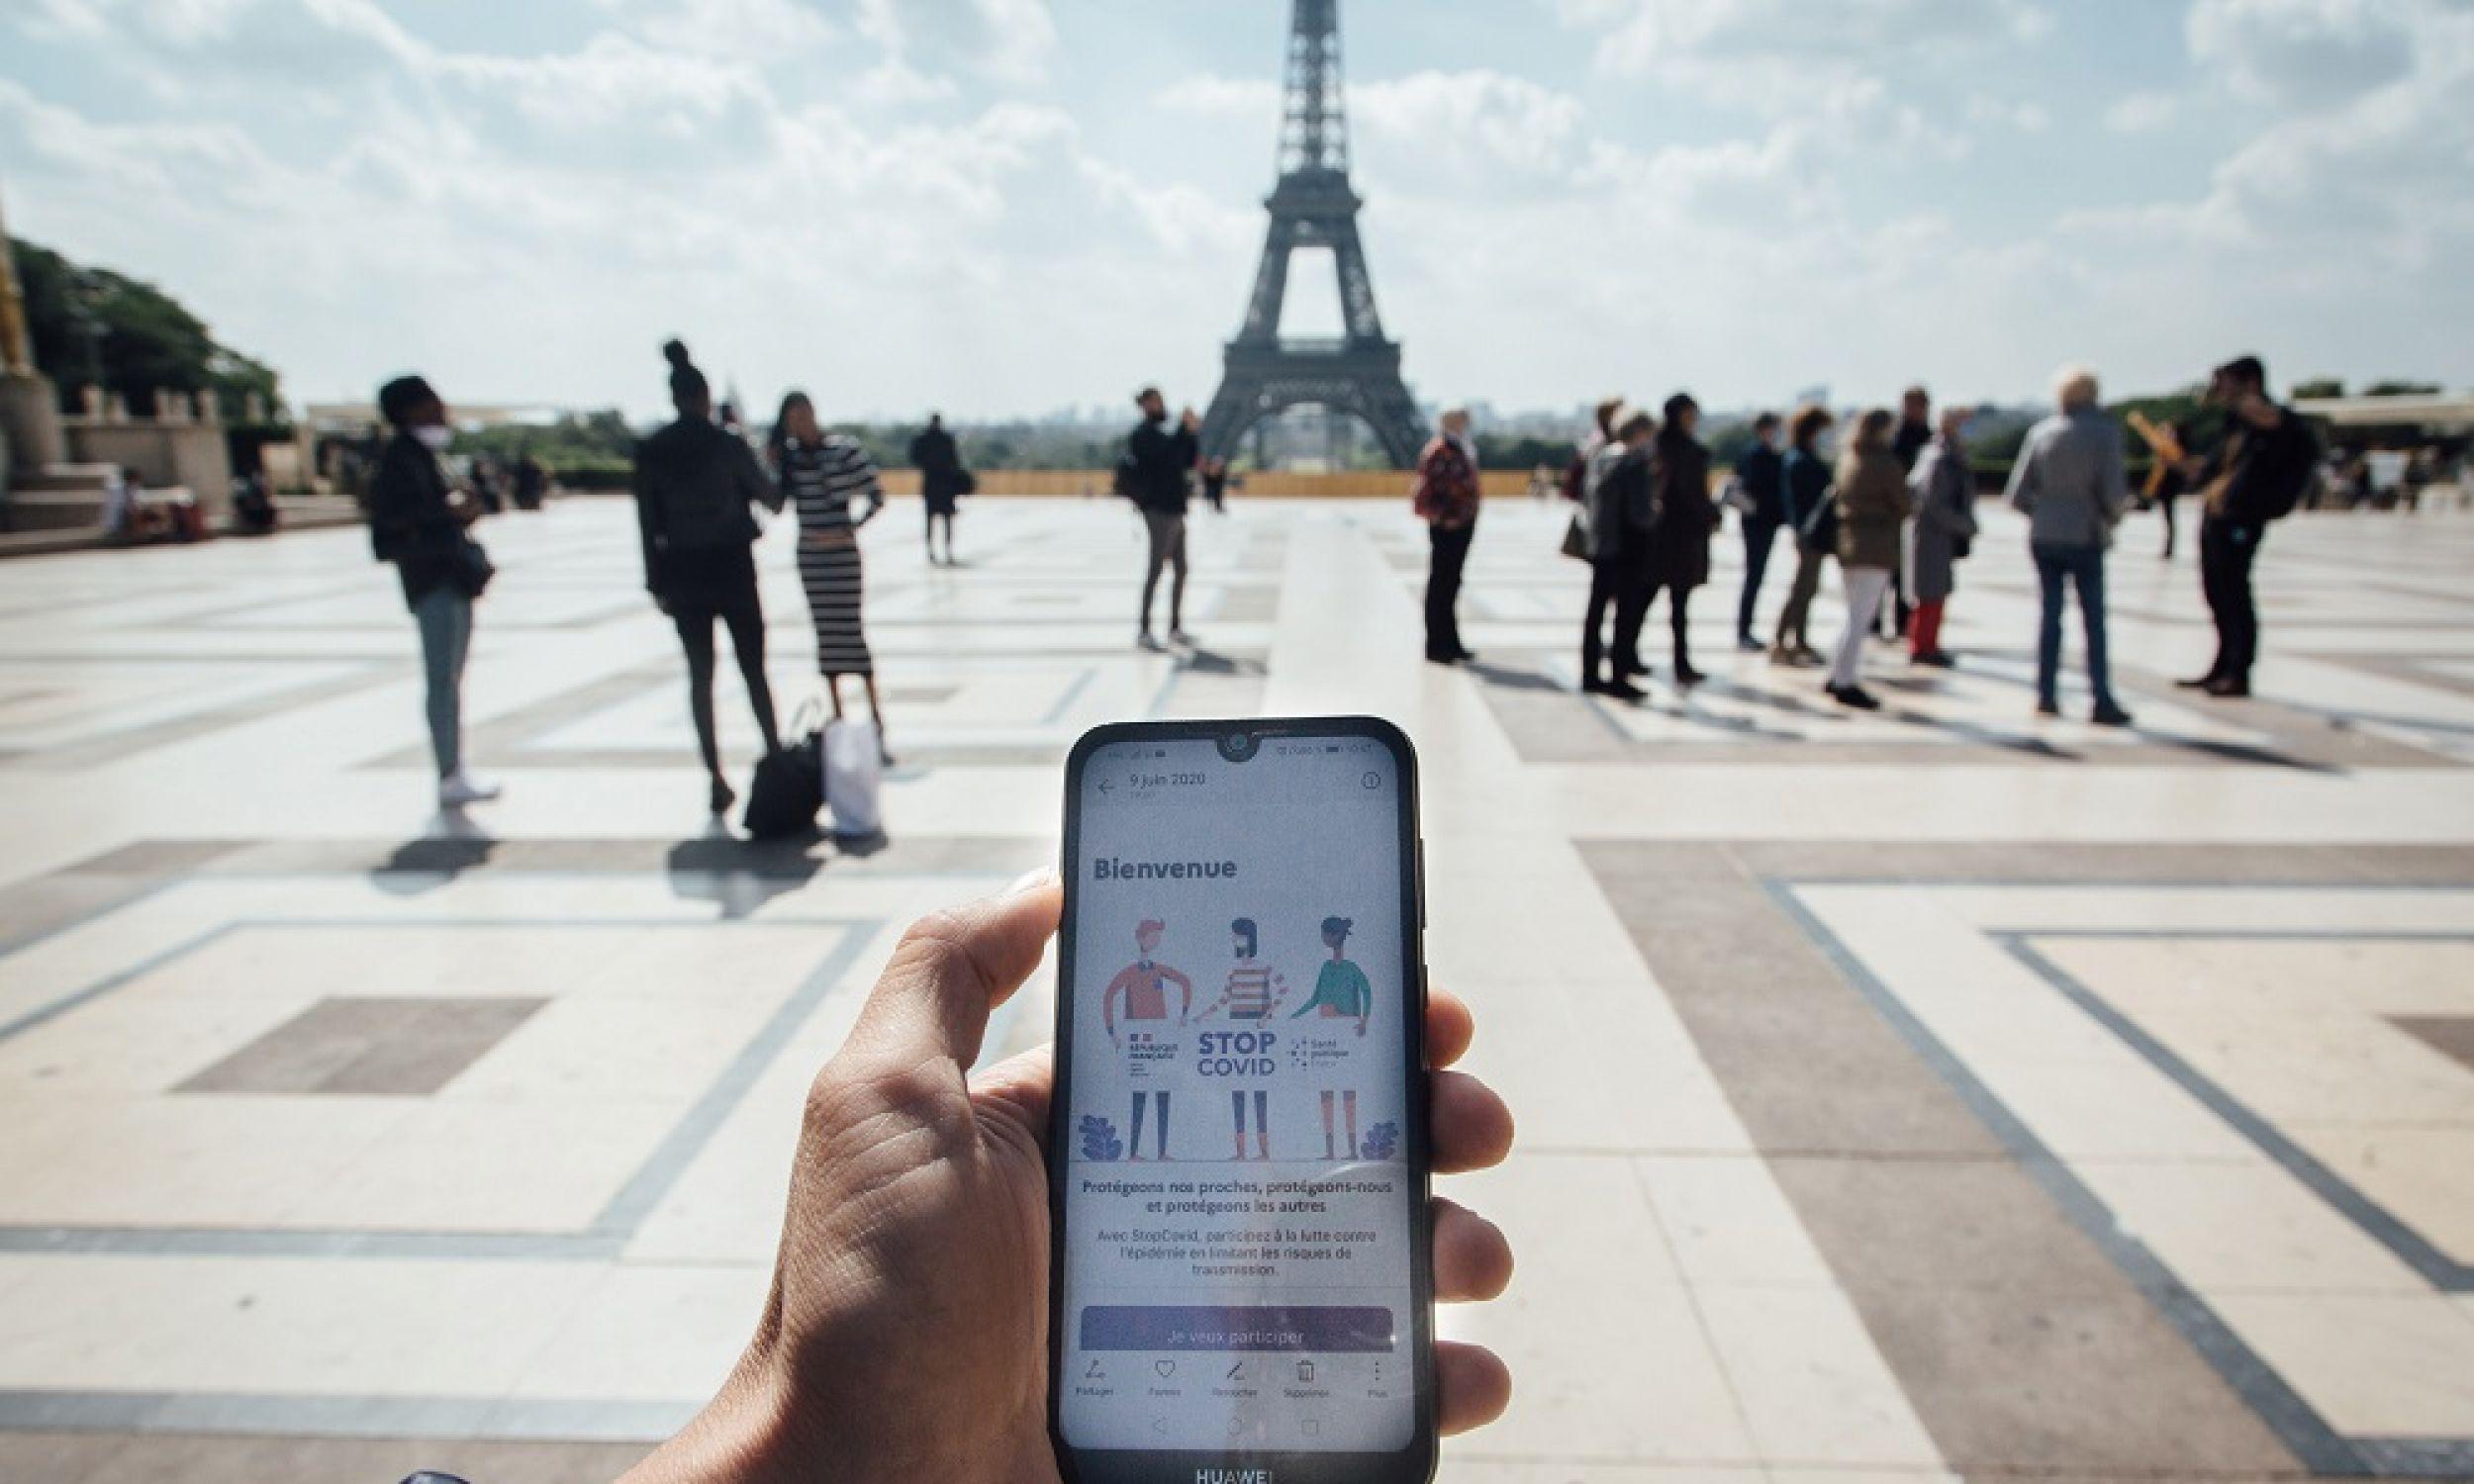 10. Francja. Wprawdzie telefonu czy smartwatcha przy płatnościach używa tylko 2,2 proc. konsumentów, ale relatywnie wysoka jest średnia wartość transakcji: 1180 dolarów na użytkownika przez rok. Fot. Cyril Marcilhacy/Bloomberg via Getty Images